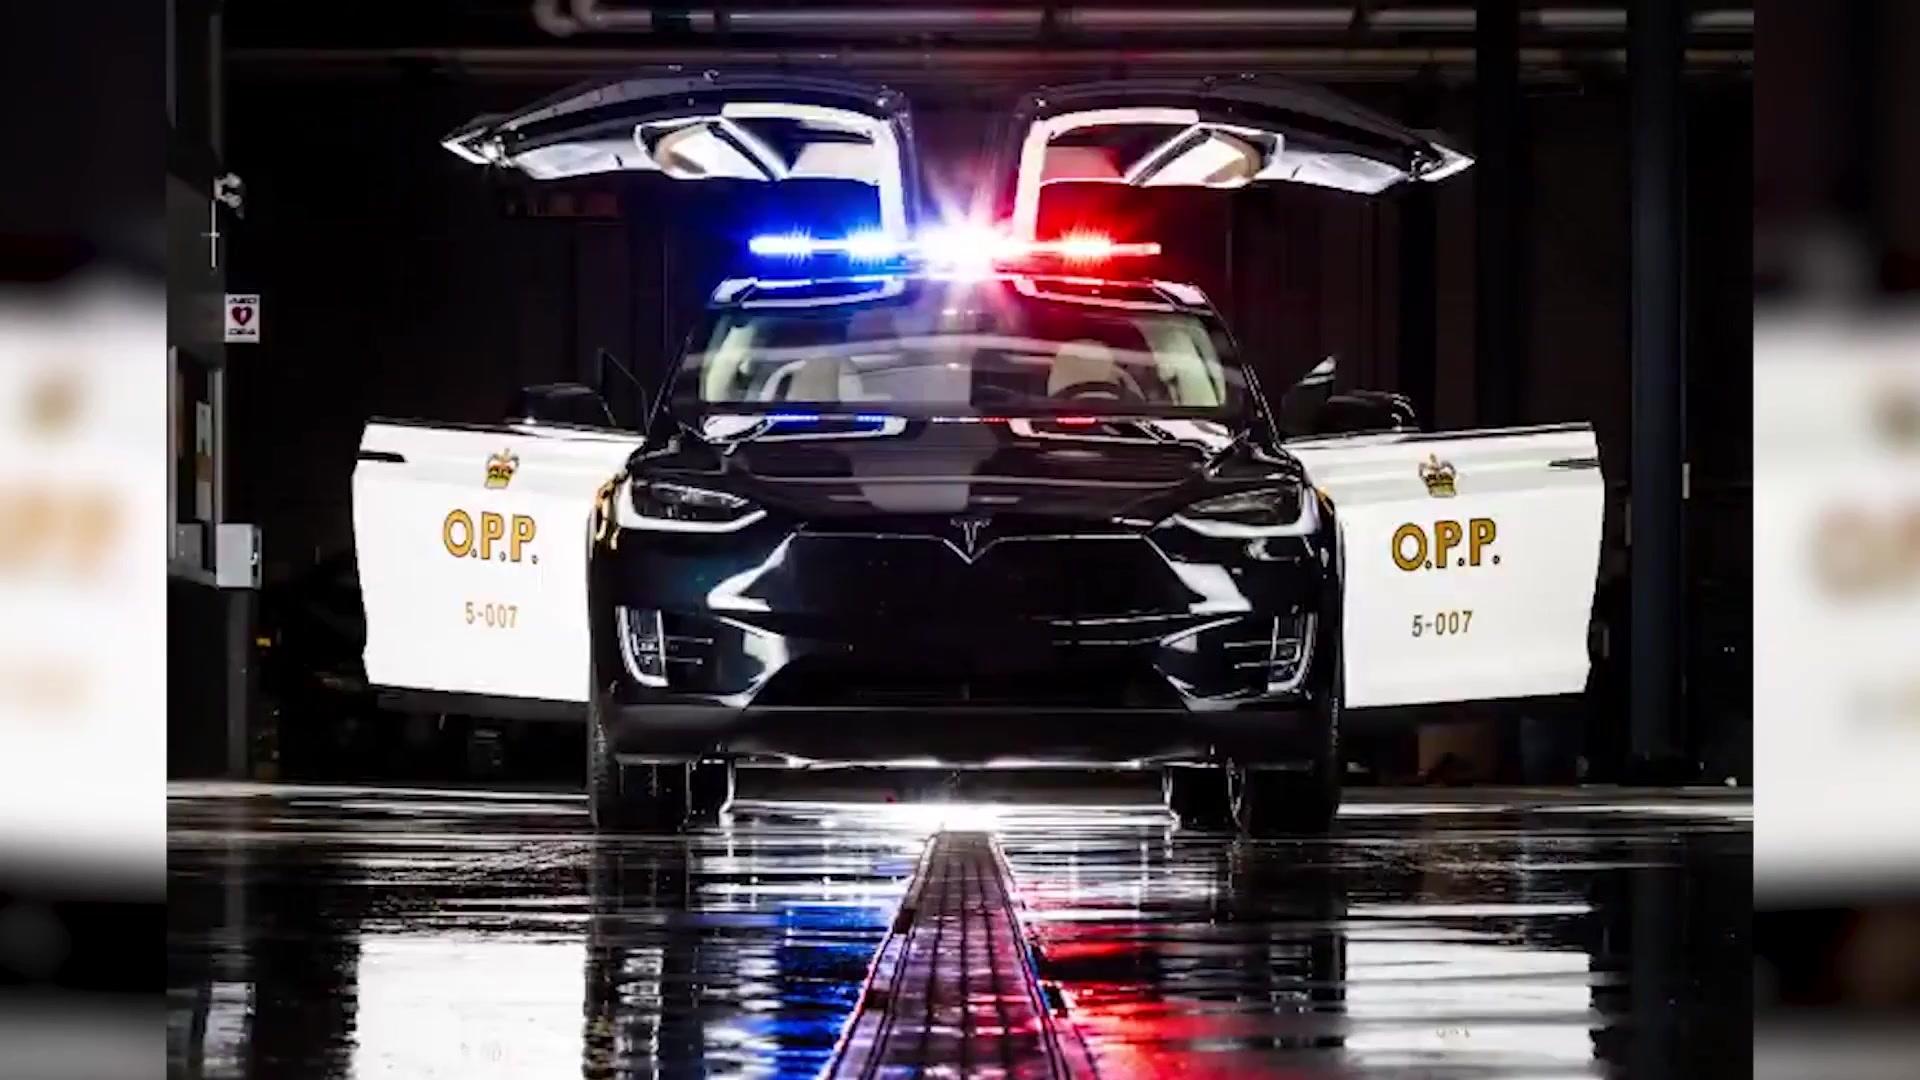 加拿大安大略省的新警车!特斯拉Model X 多伦多车展亮相!这也是全球...